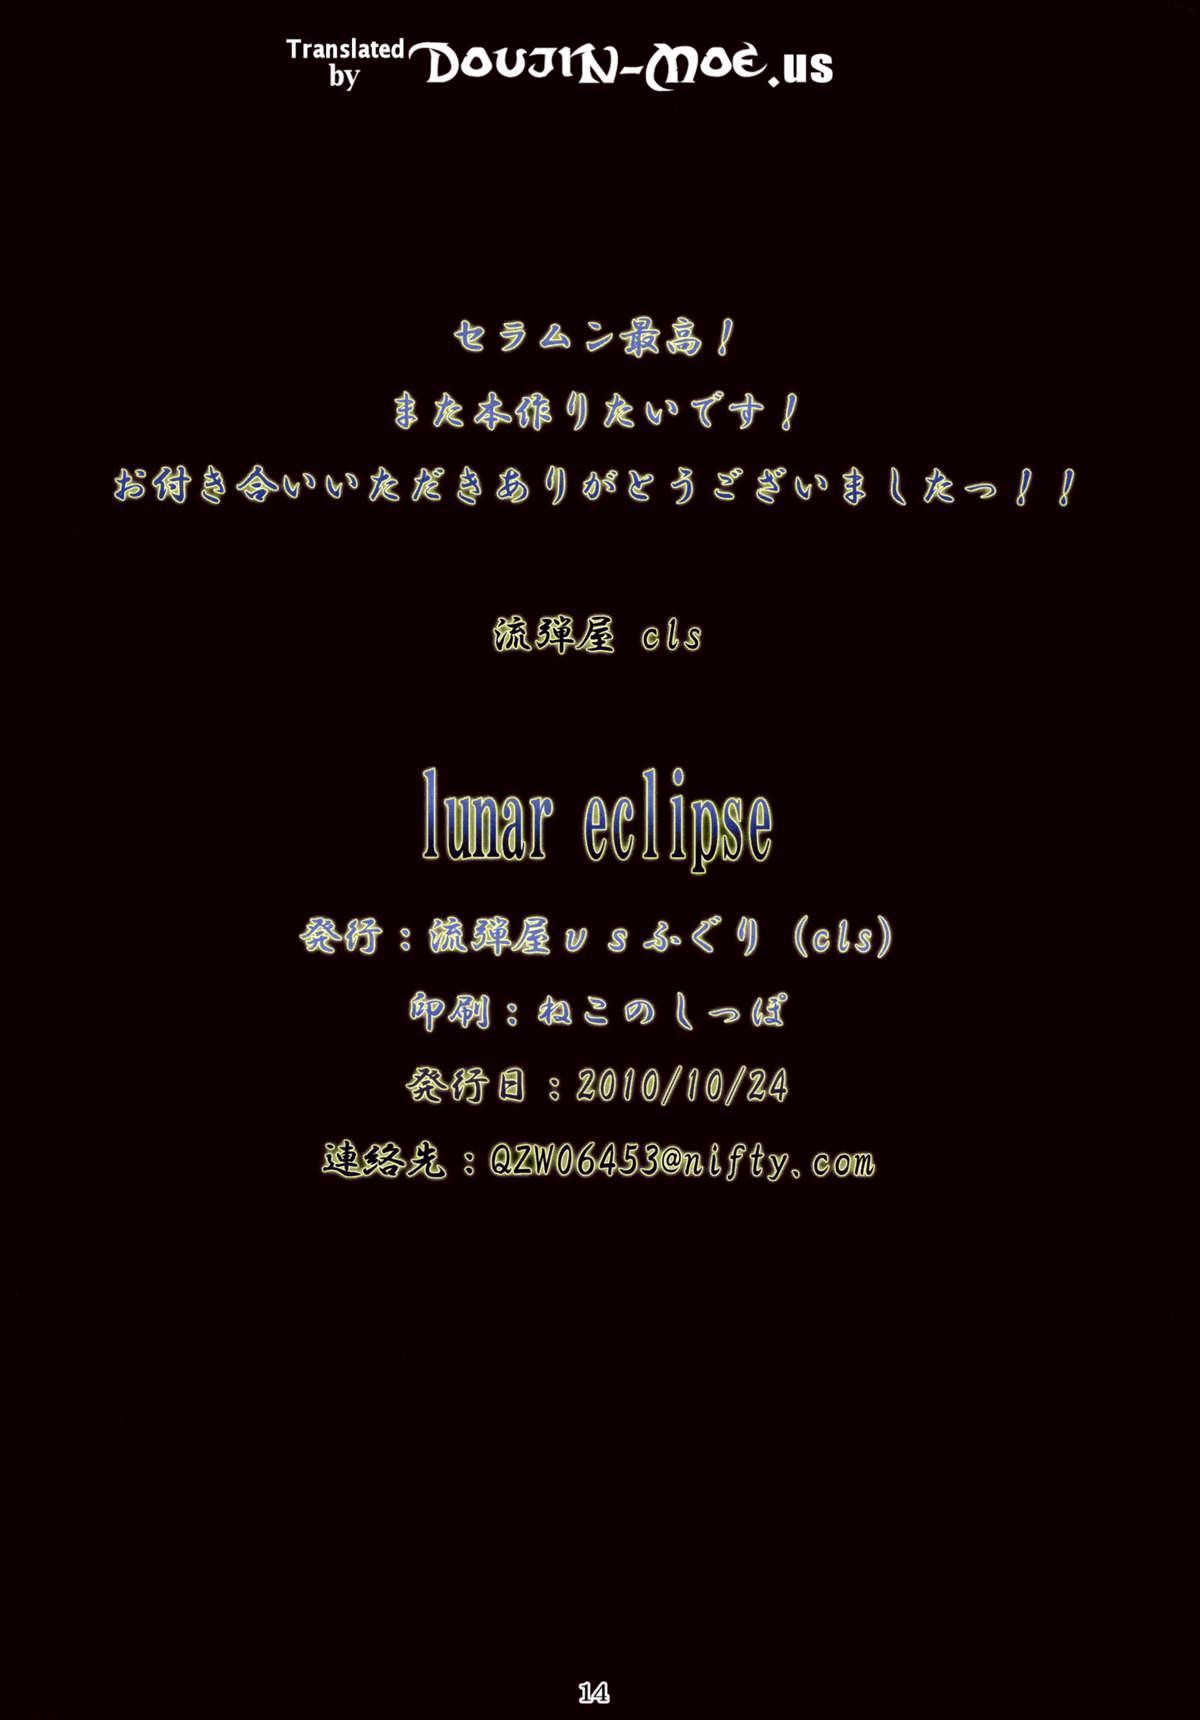 lunar eclipse 12